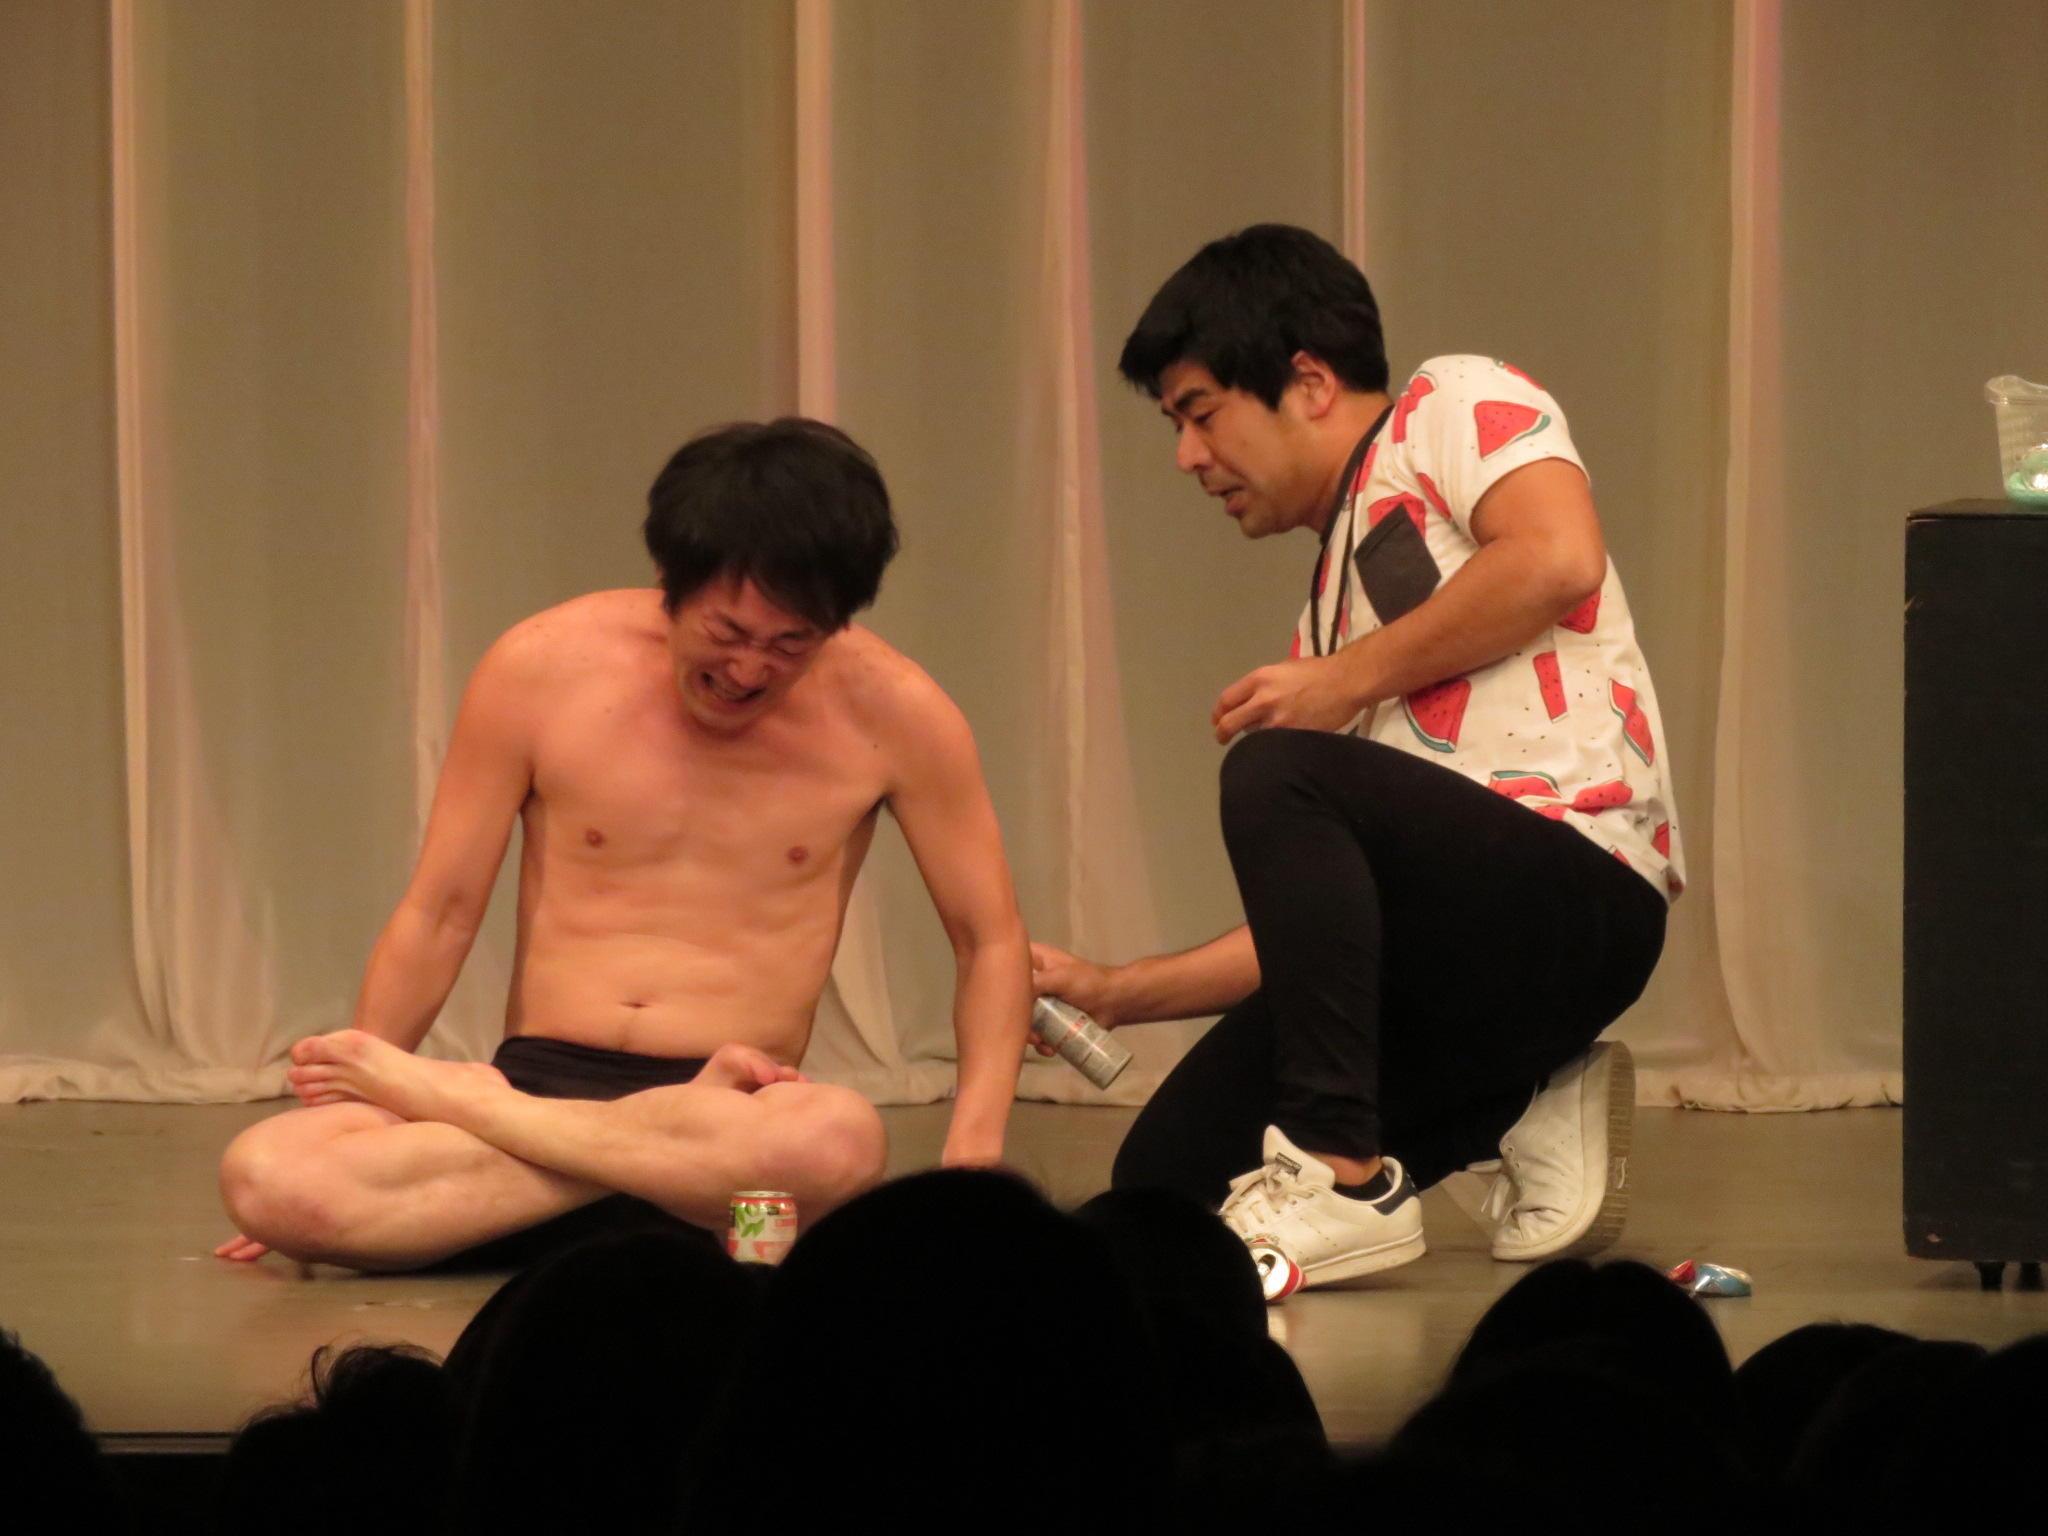 http://news.yoshimoto.co.jp/20180110191206-7444d8c37888b88d60c3e04851d2e1e01890eba1.jpg